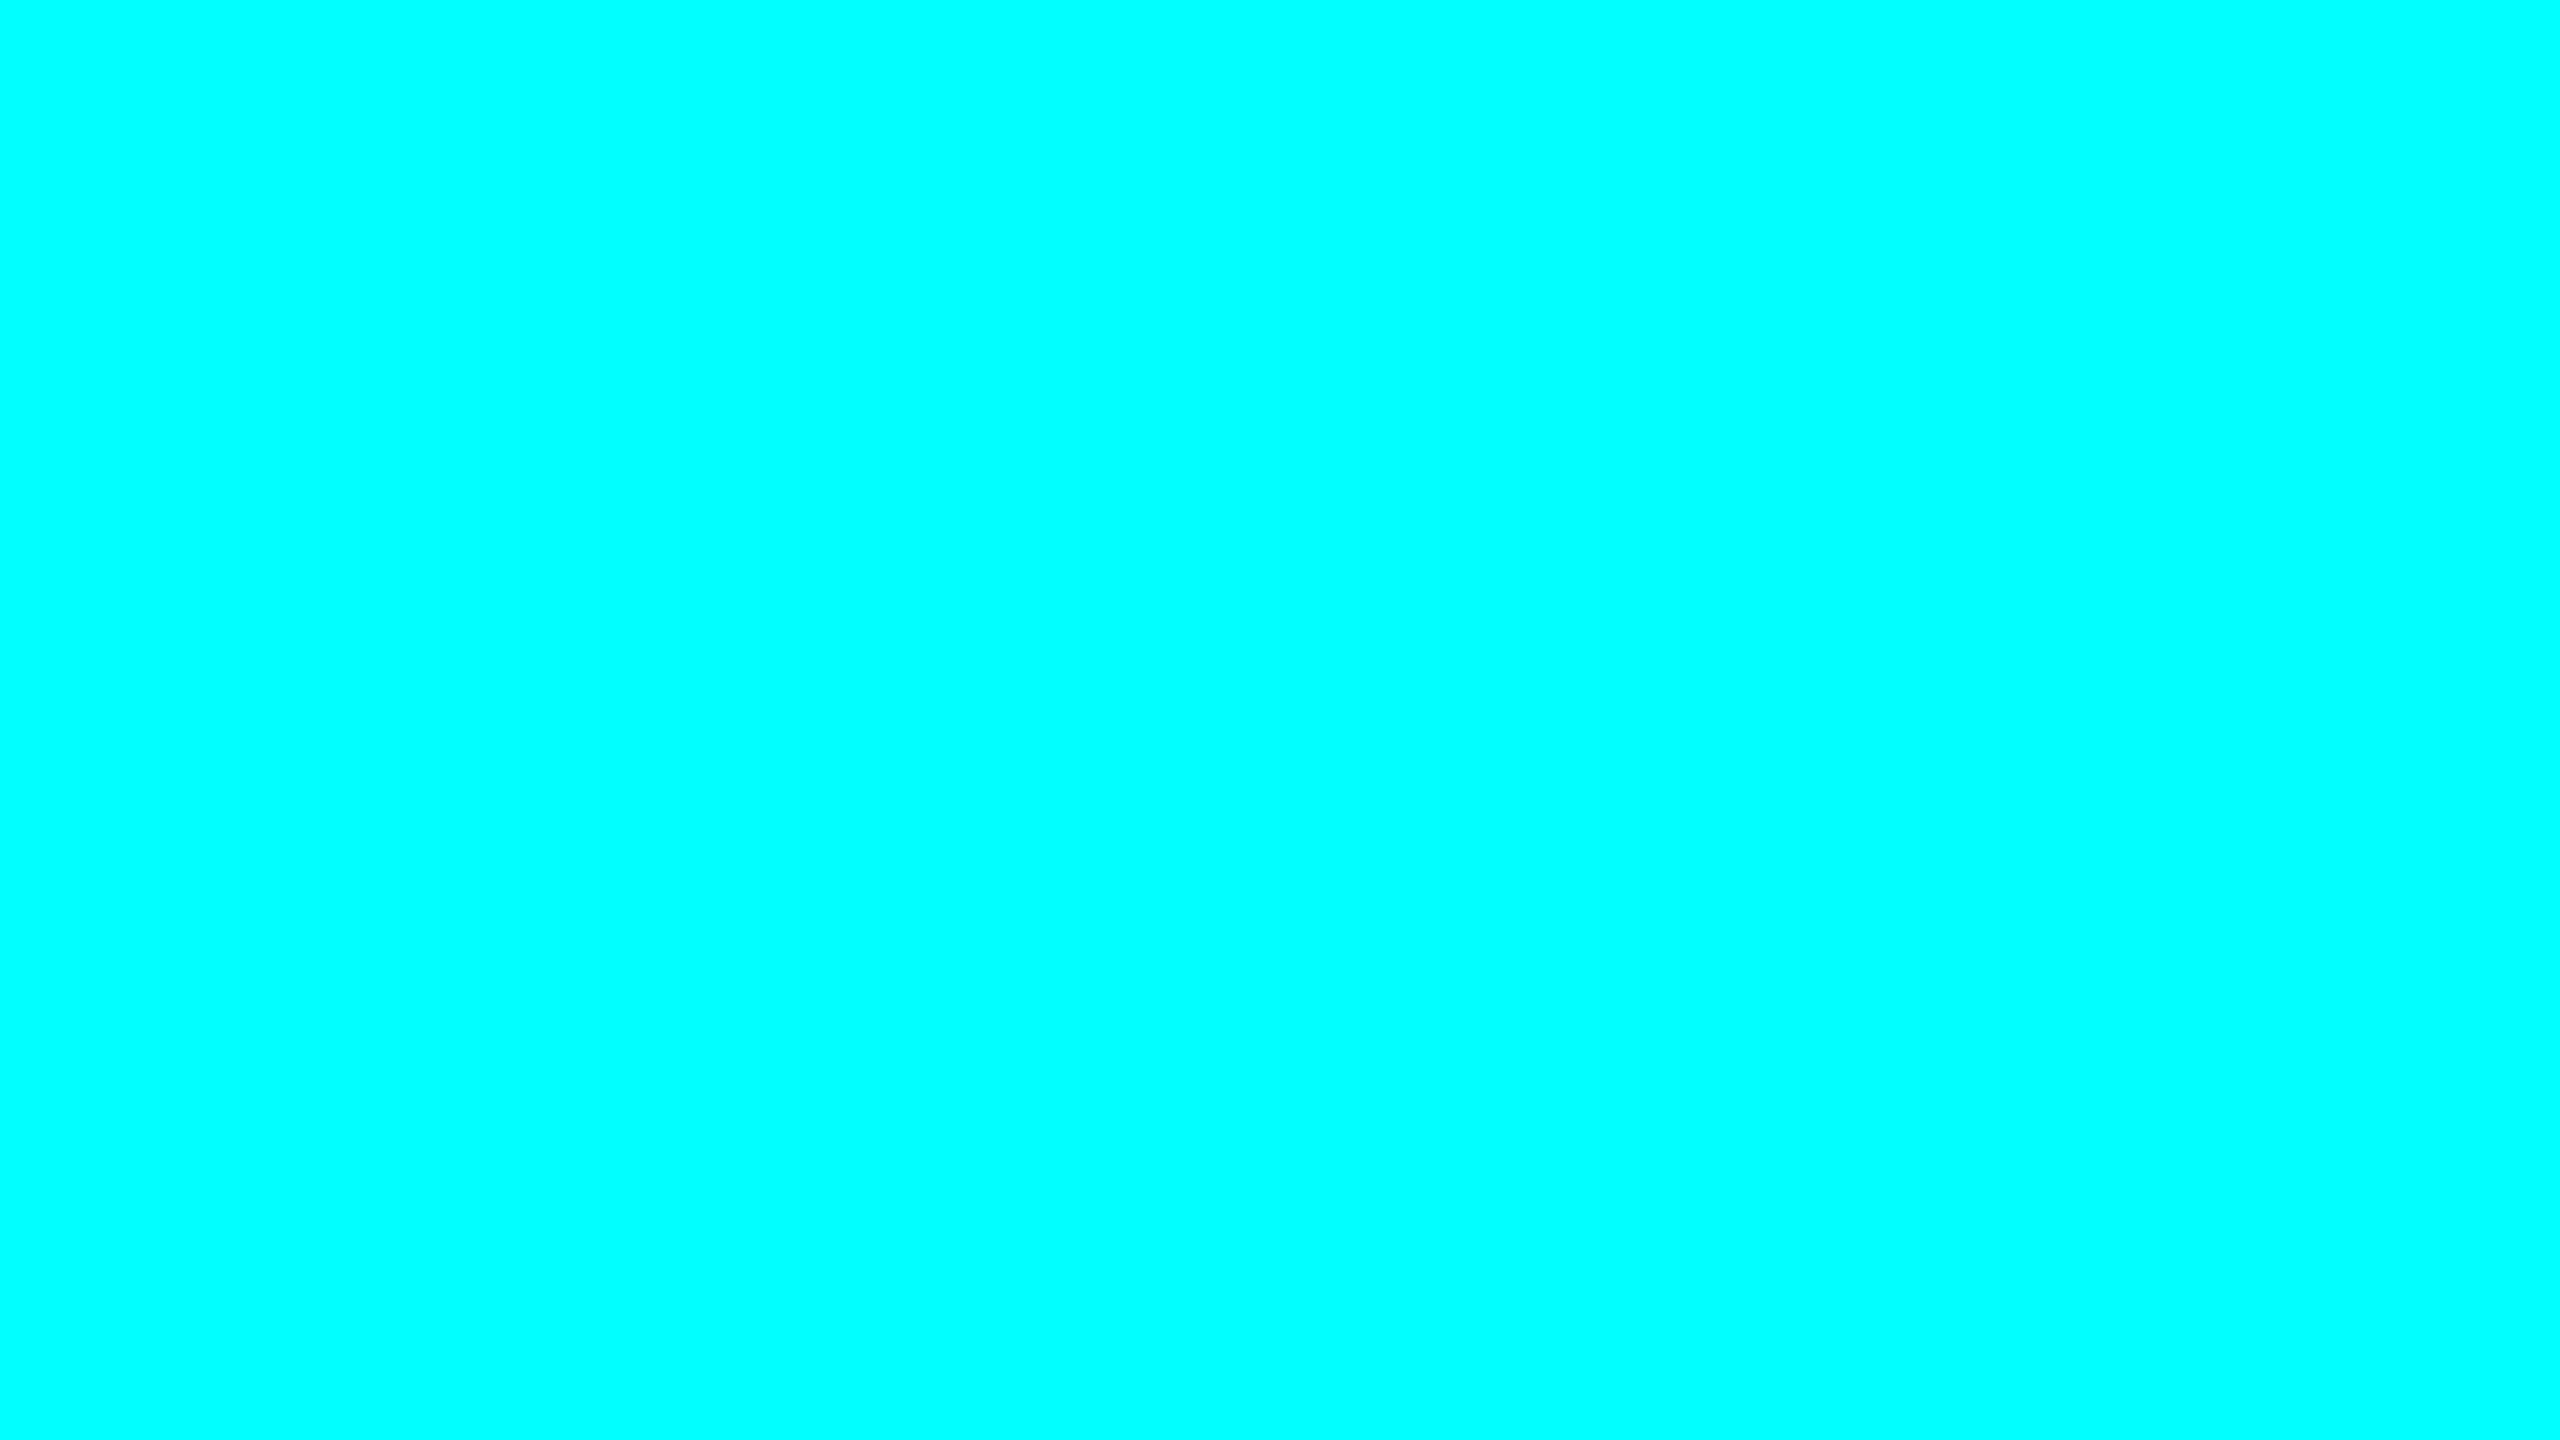 Cyan Blue Wallpaper - WallpaperSafari